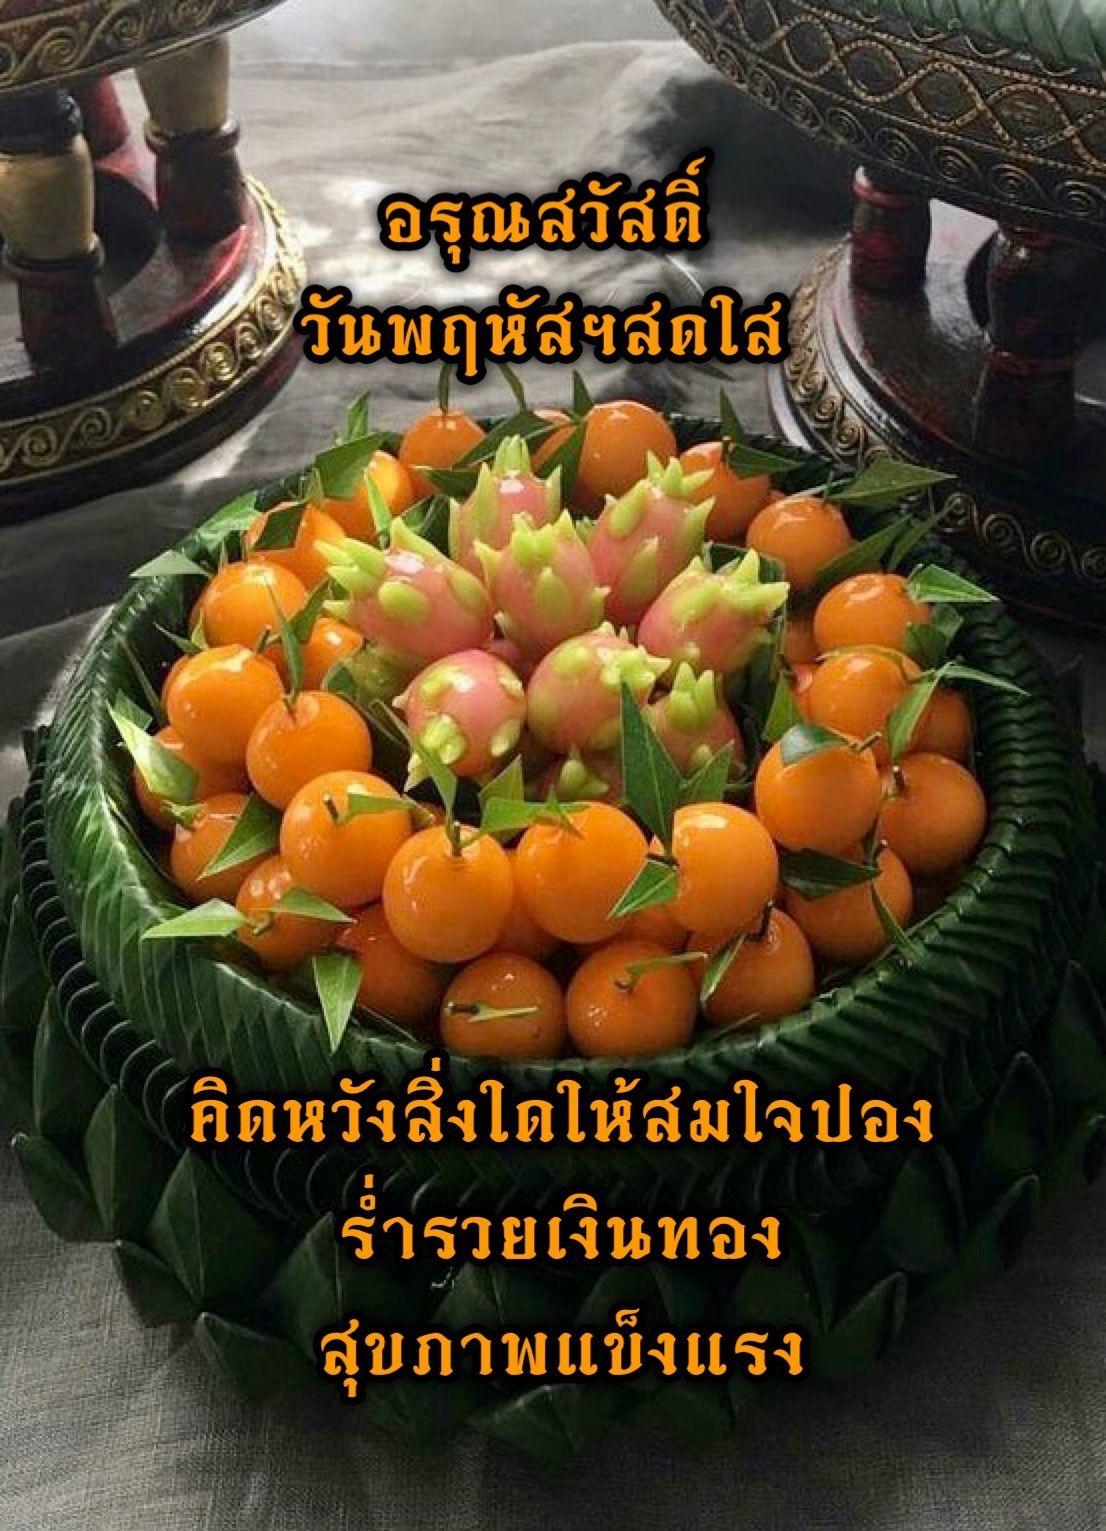 ป กพ นโดย Kwanta Sinliw ใน สว สด ว นพฤห สบด ในป 2021 ว นพฤห สบด ว นอาท ตย สว สด ตอนเช า